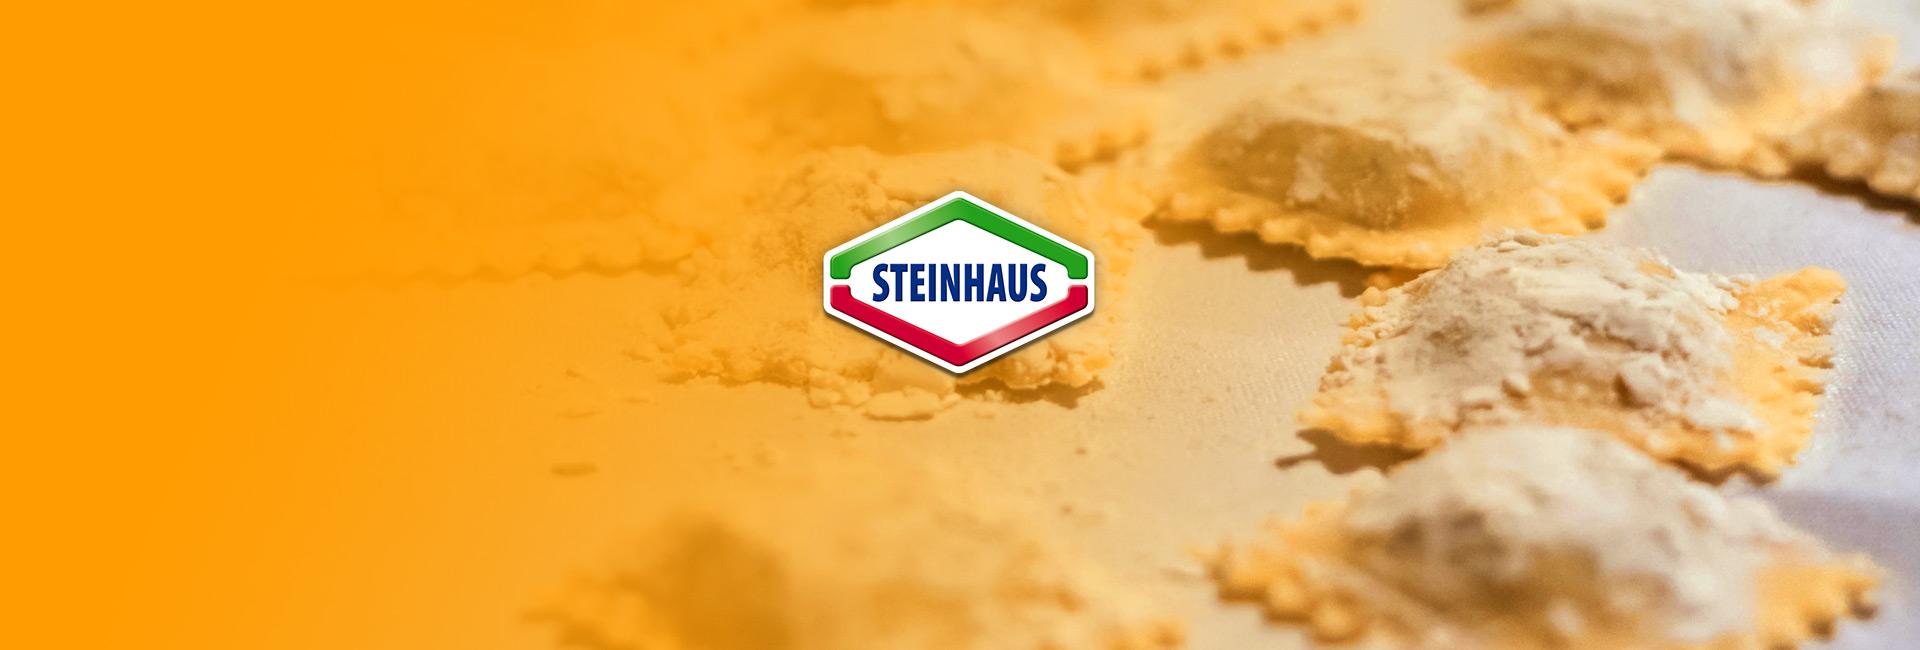 Steinhaus GmbH, Remscheid